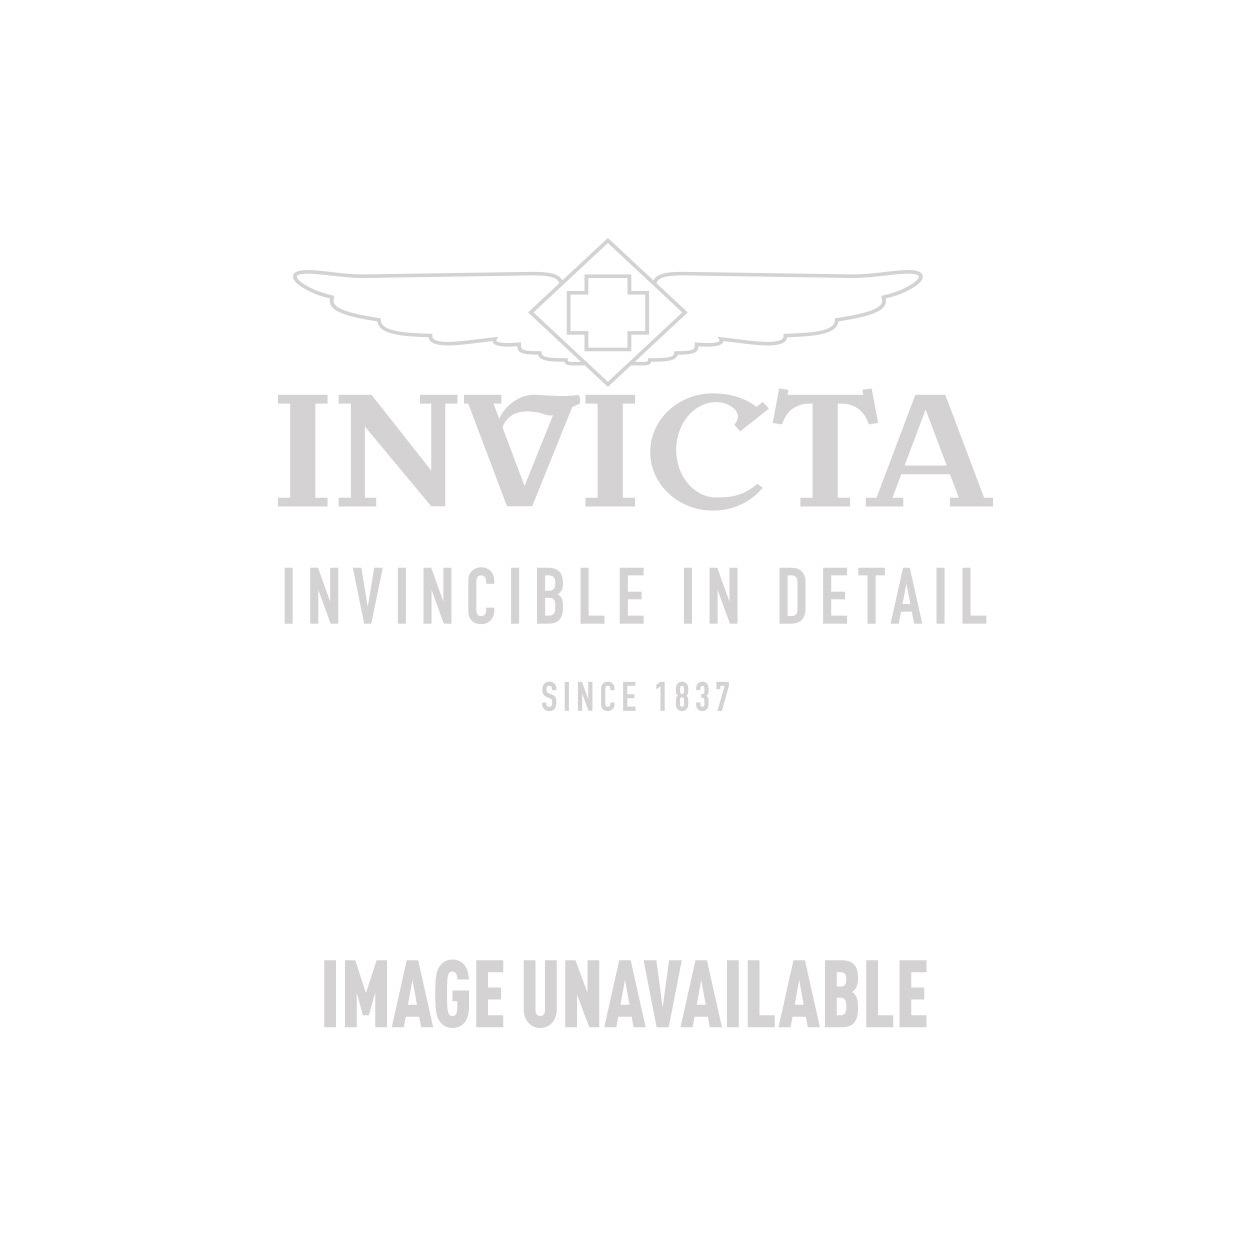 Invicta Model 25017